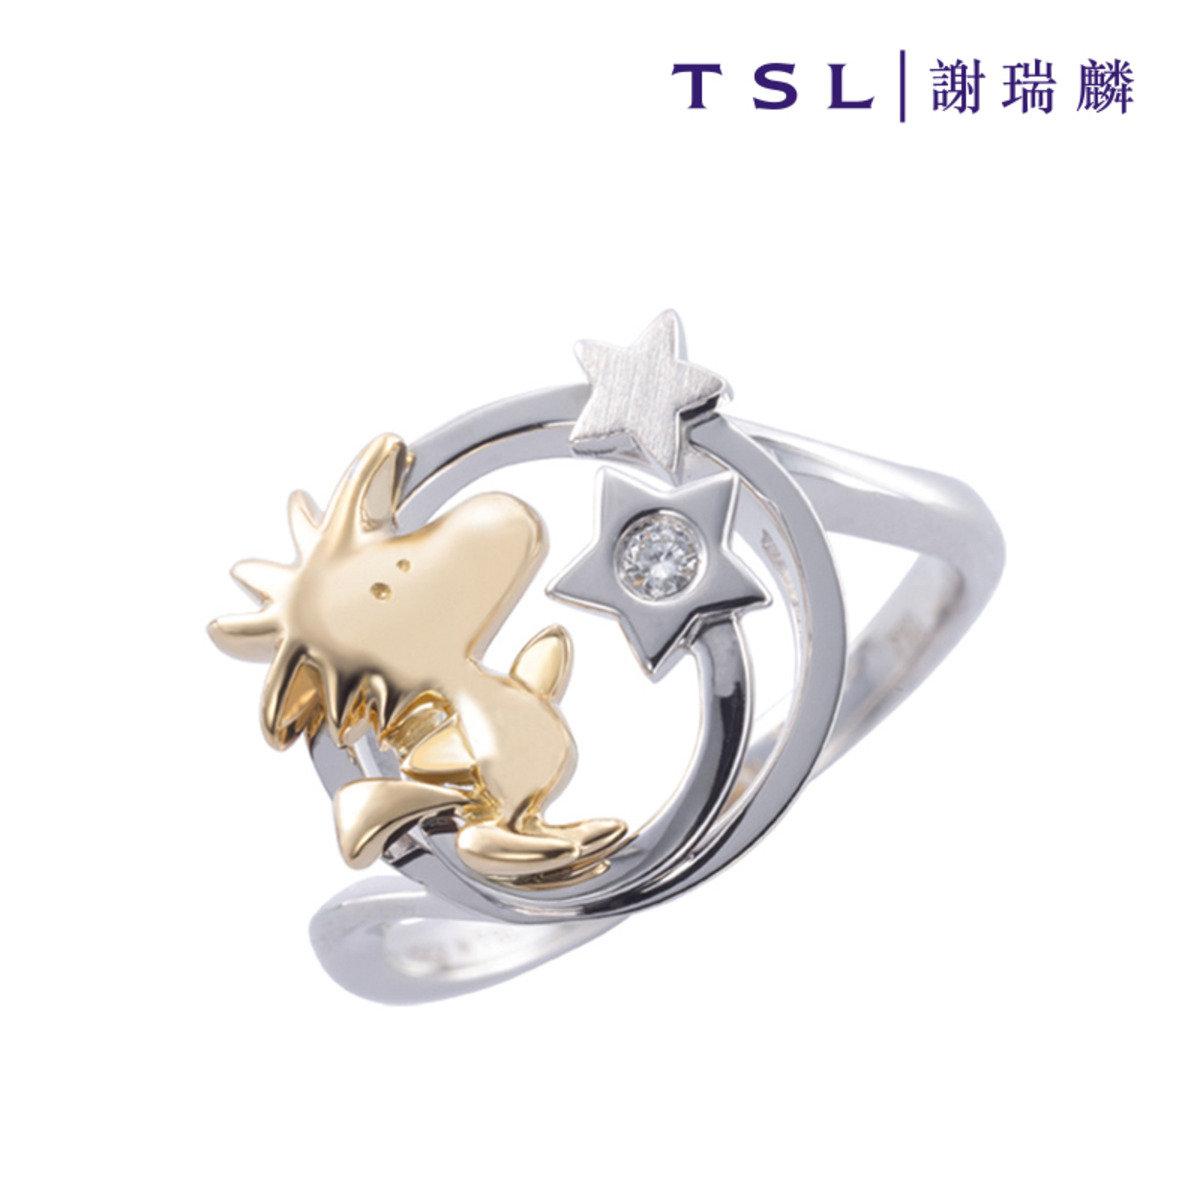 史努比750/18K金鑲天然鑽石戒指